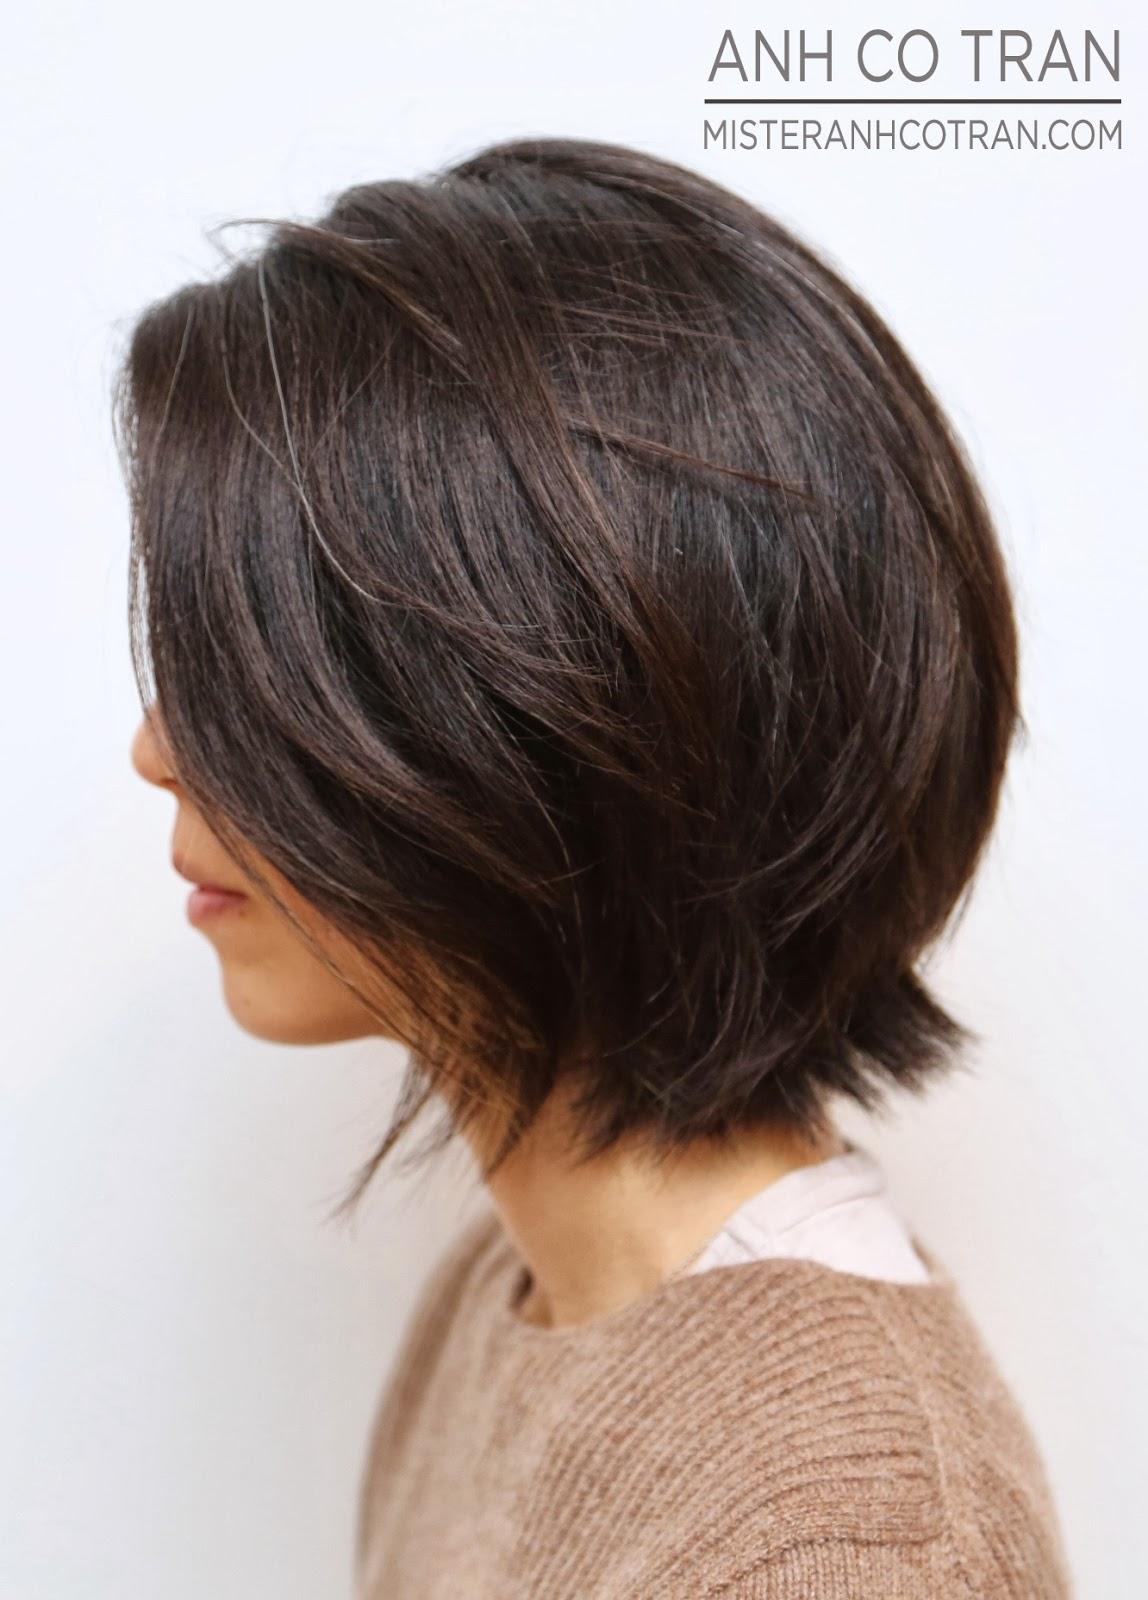 Pre haircut shot this in 2012 - 5 4